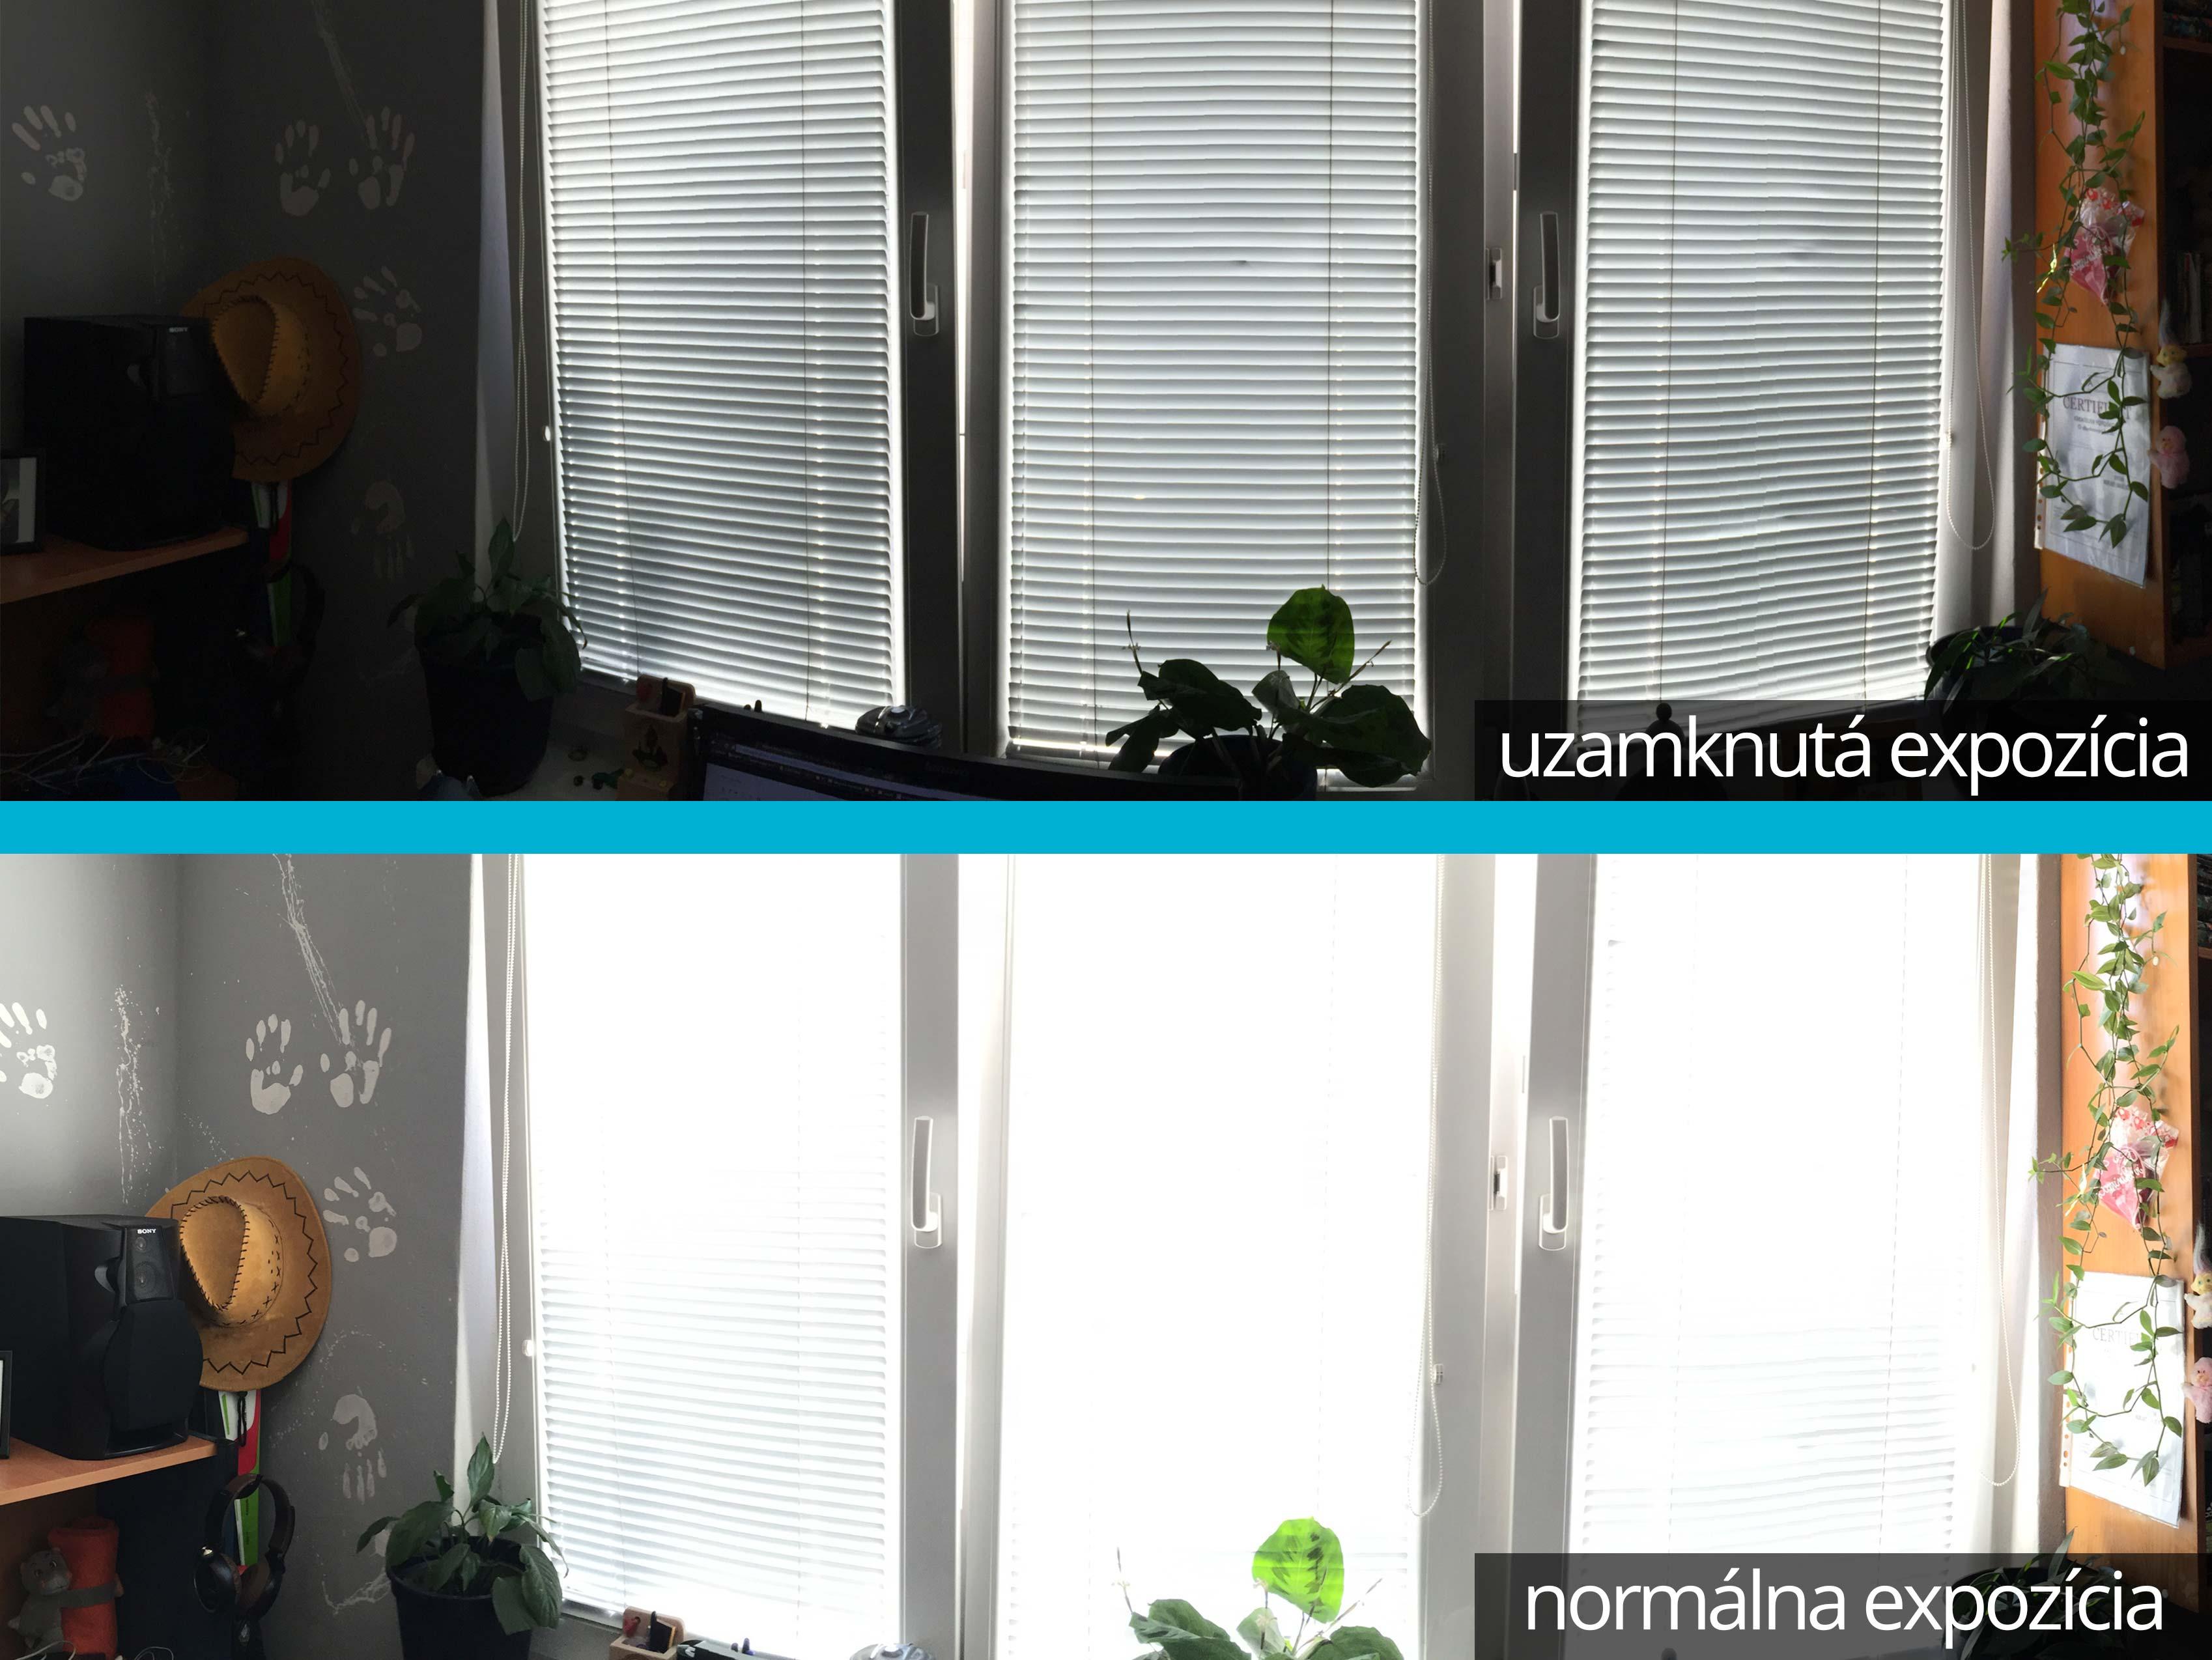 panorama-expozicia-svetapple